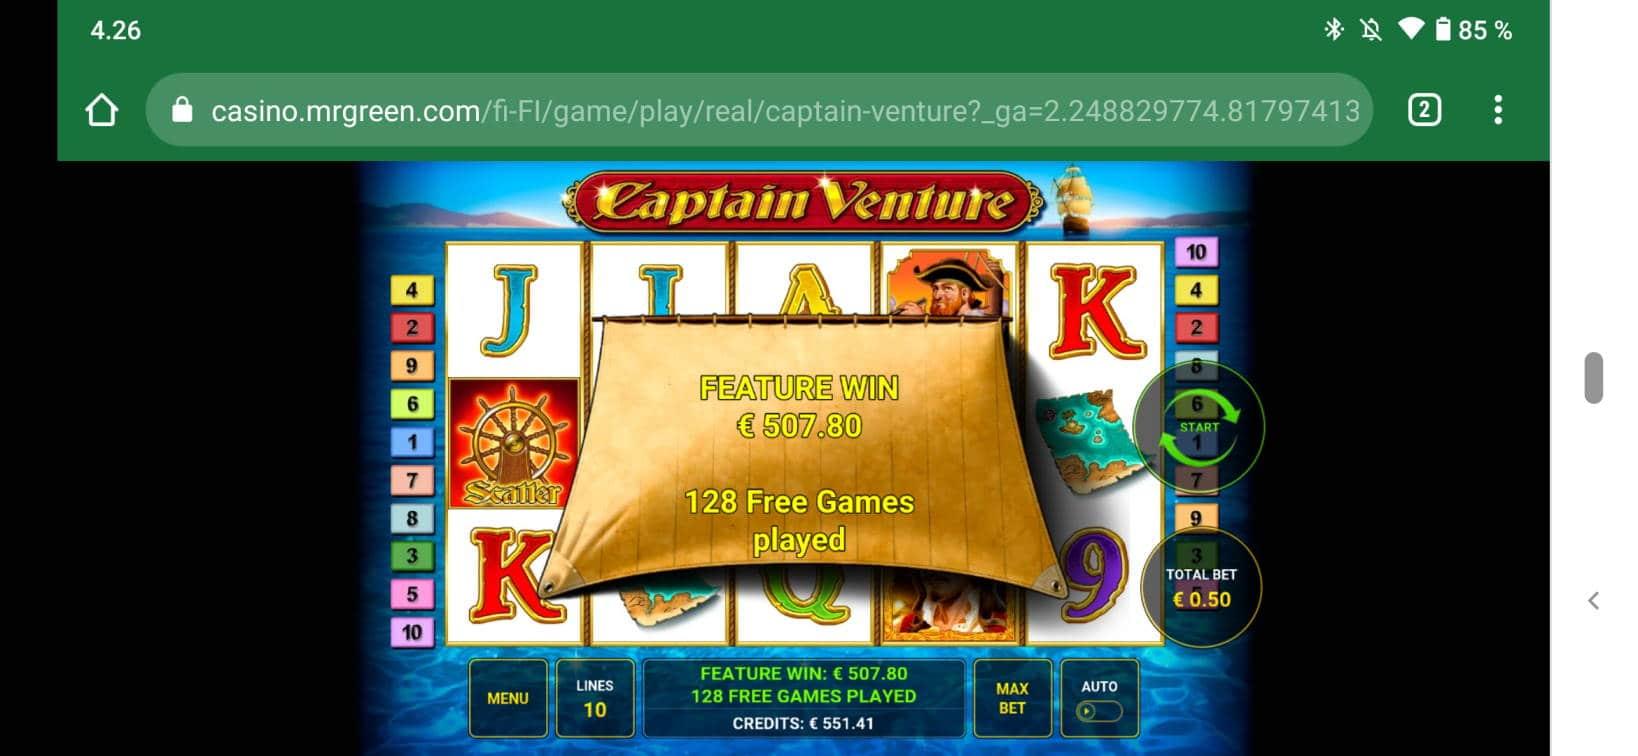 Captain Venture Casino win picture by Kasperi001 27.5.2021 507.80e 1016X MrGreen